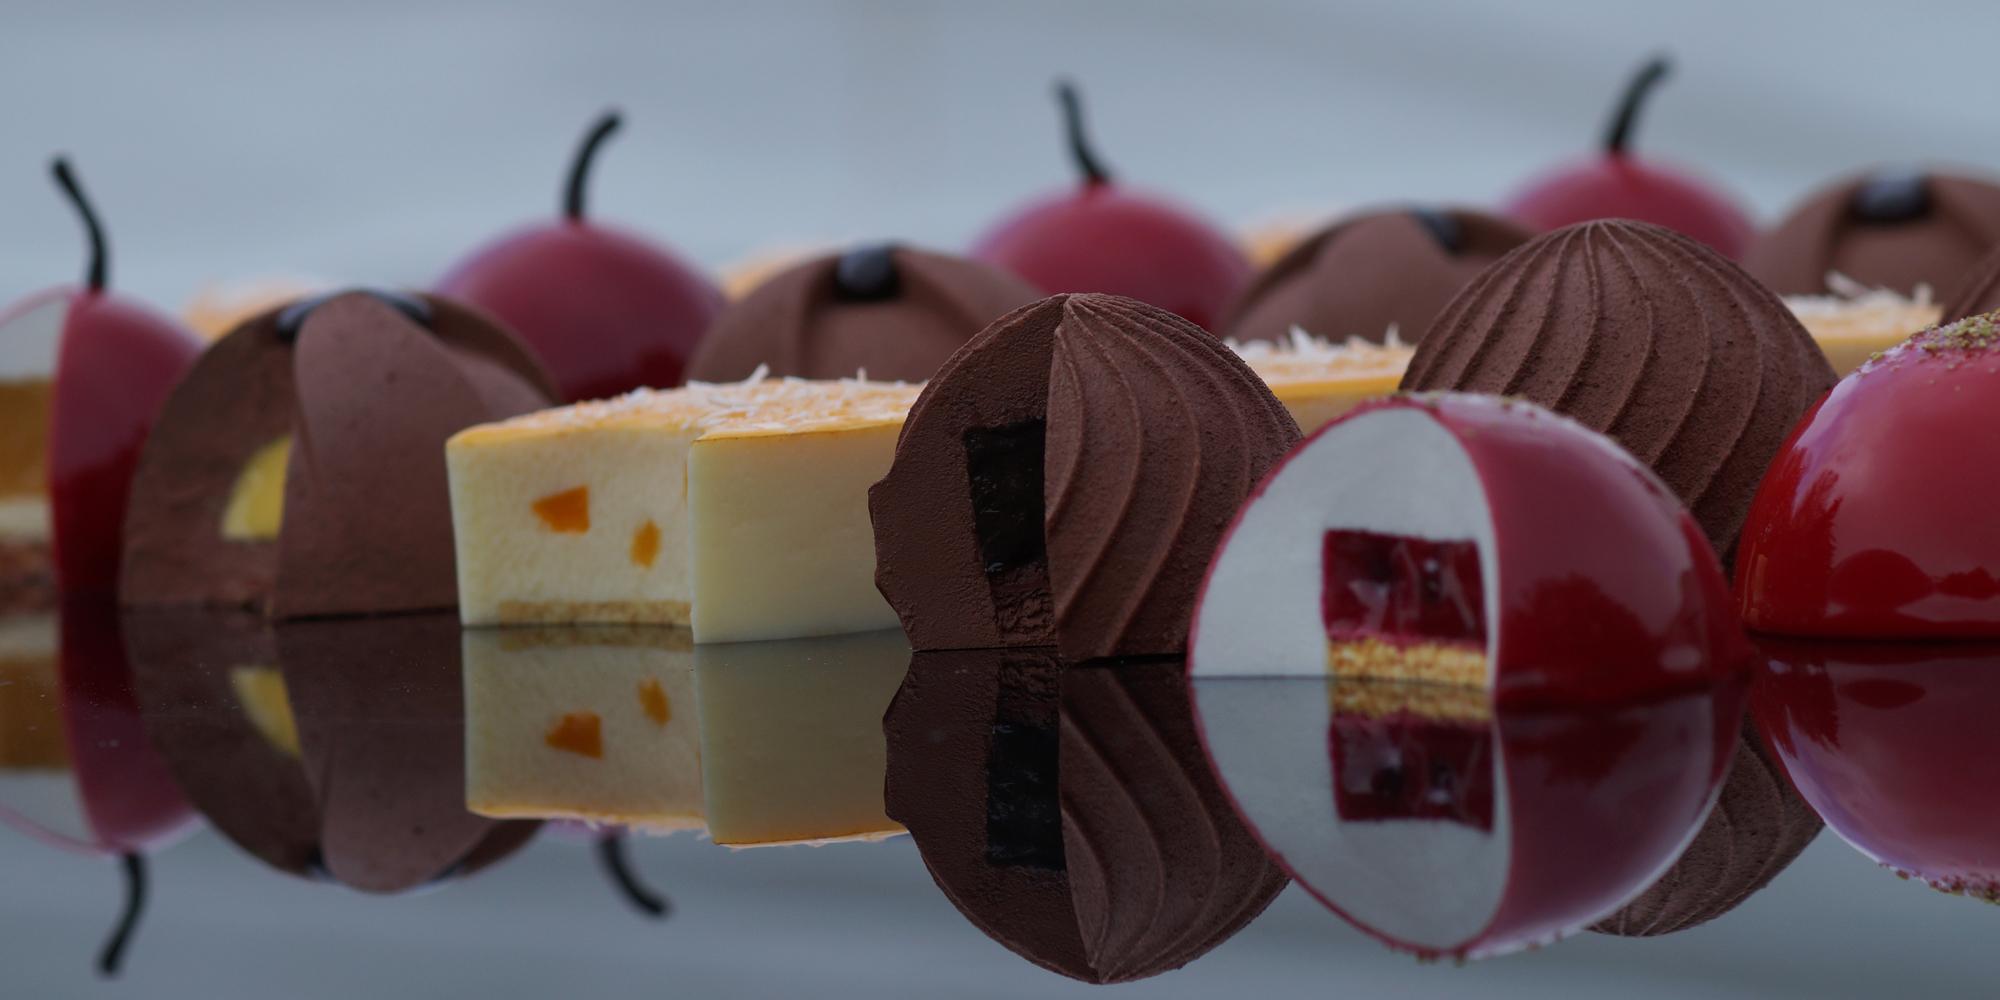 gâteaux et pâtisseries factices alimentaires en résine réalisées par l'Atelier Cobalt Fx